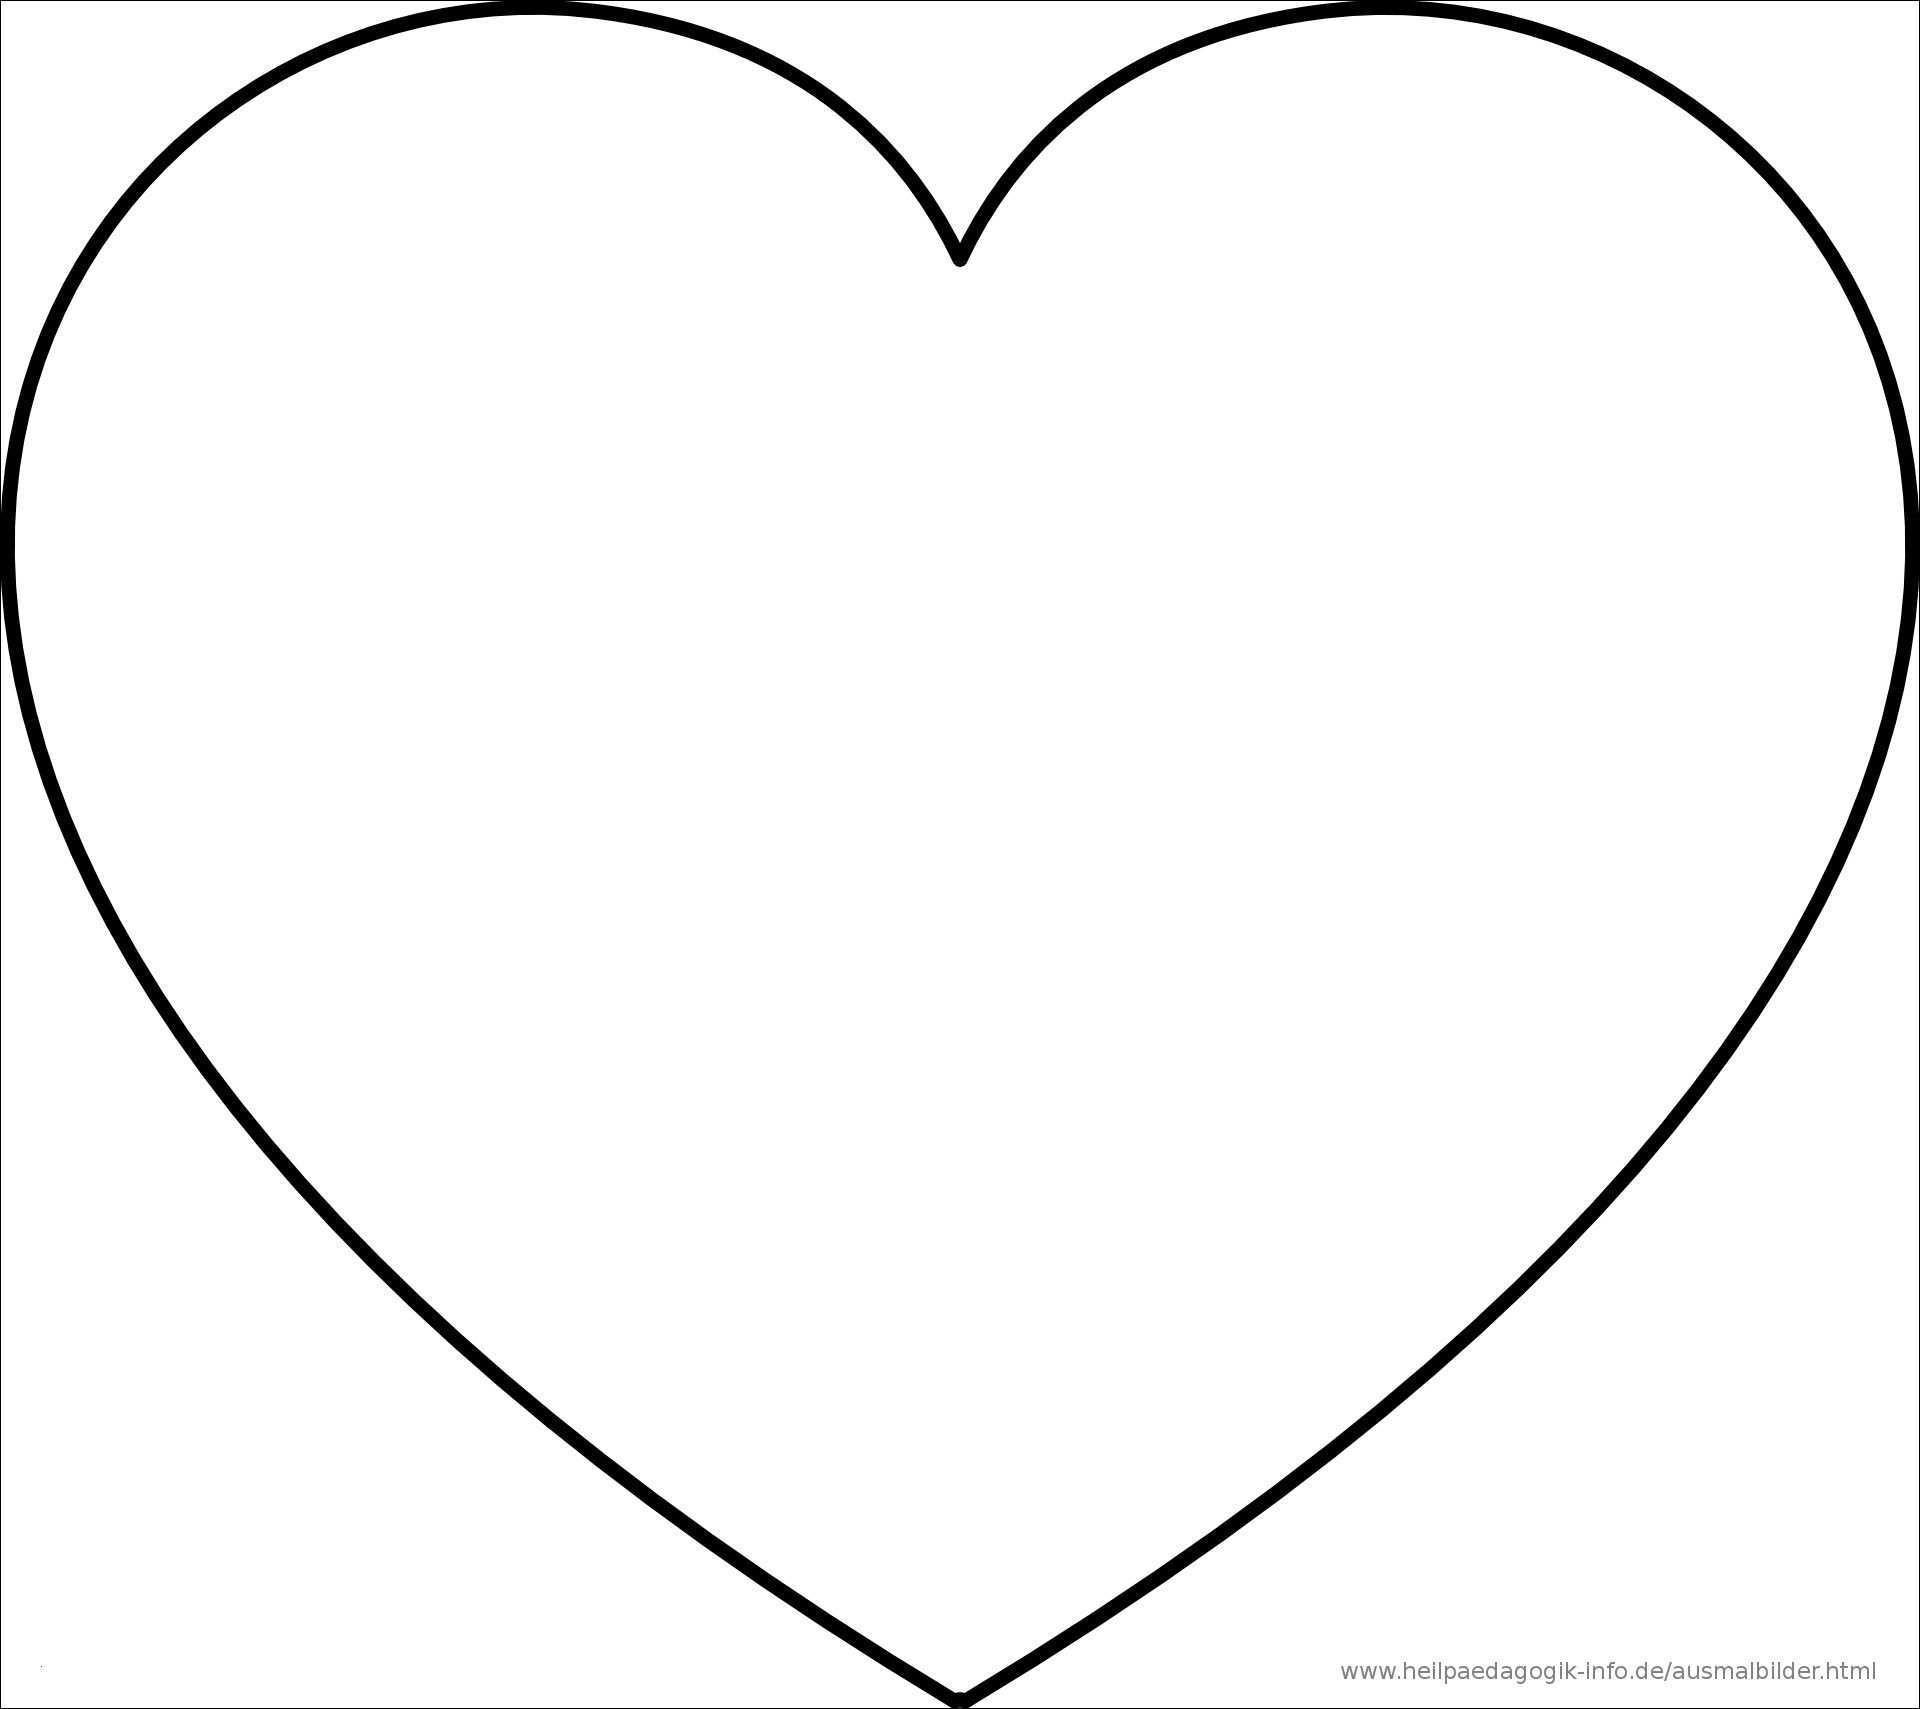 Ausmalbilder Rosen Mit Herz Neu Ausmalbilder Rosen Mit Herz Bild Herz Malvorlagen Einfach Pin Herz Fotografieren